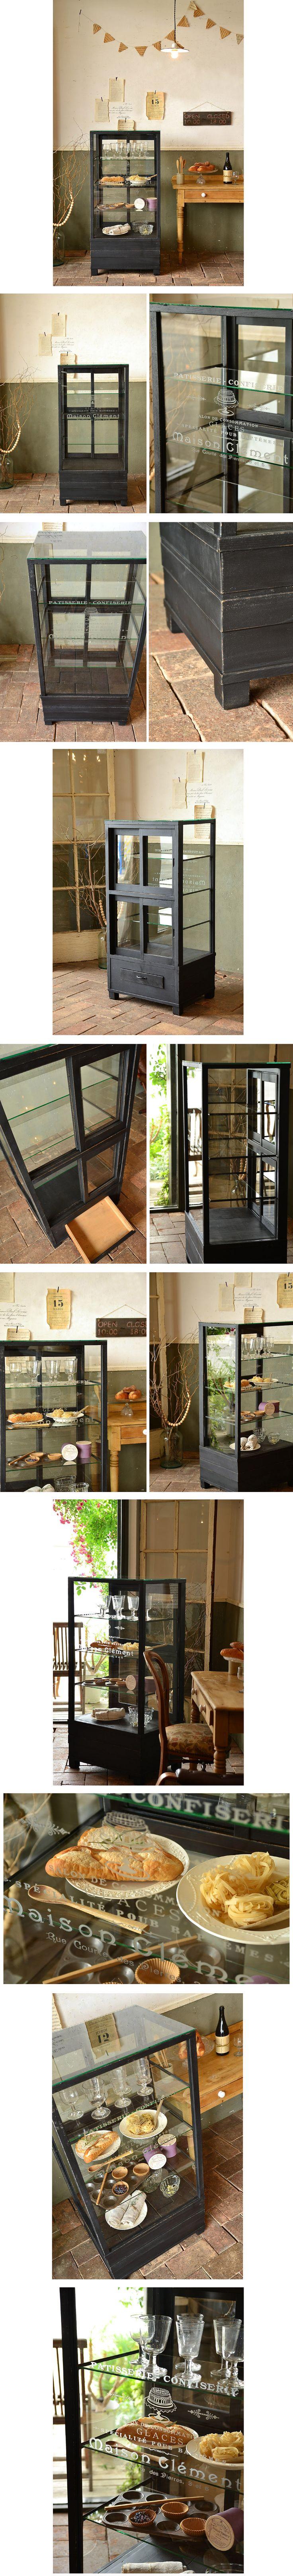 ○。アンティーク古い黒色ガラスショーケース/文字入収納飾り棚 - Yahoo!オークション - ヤフオク!